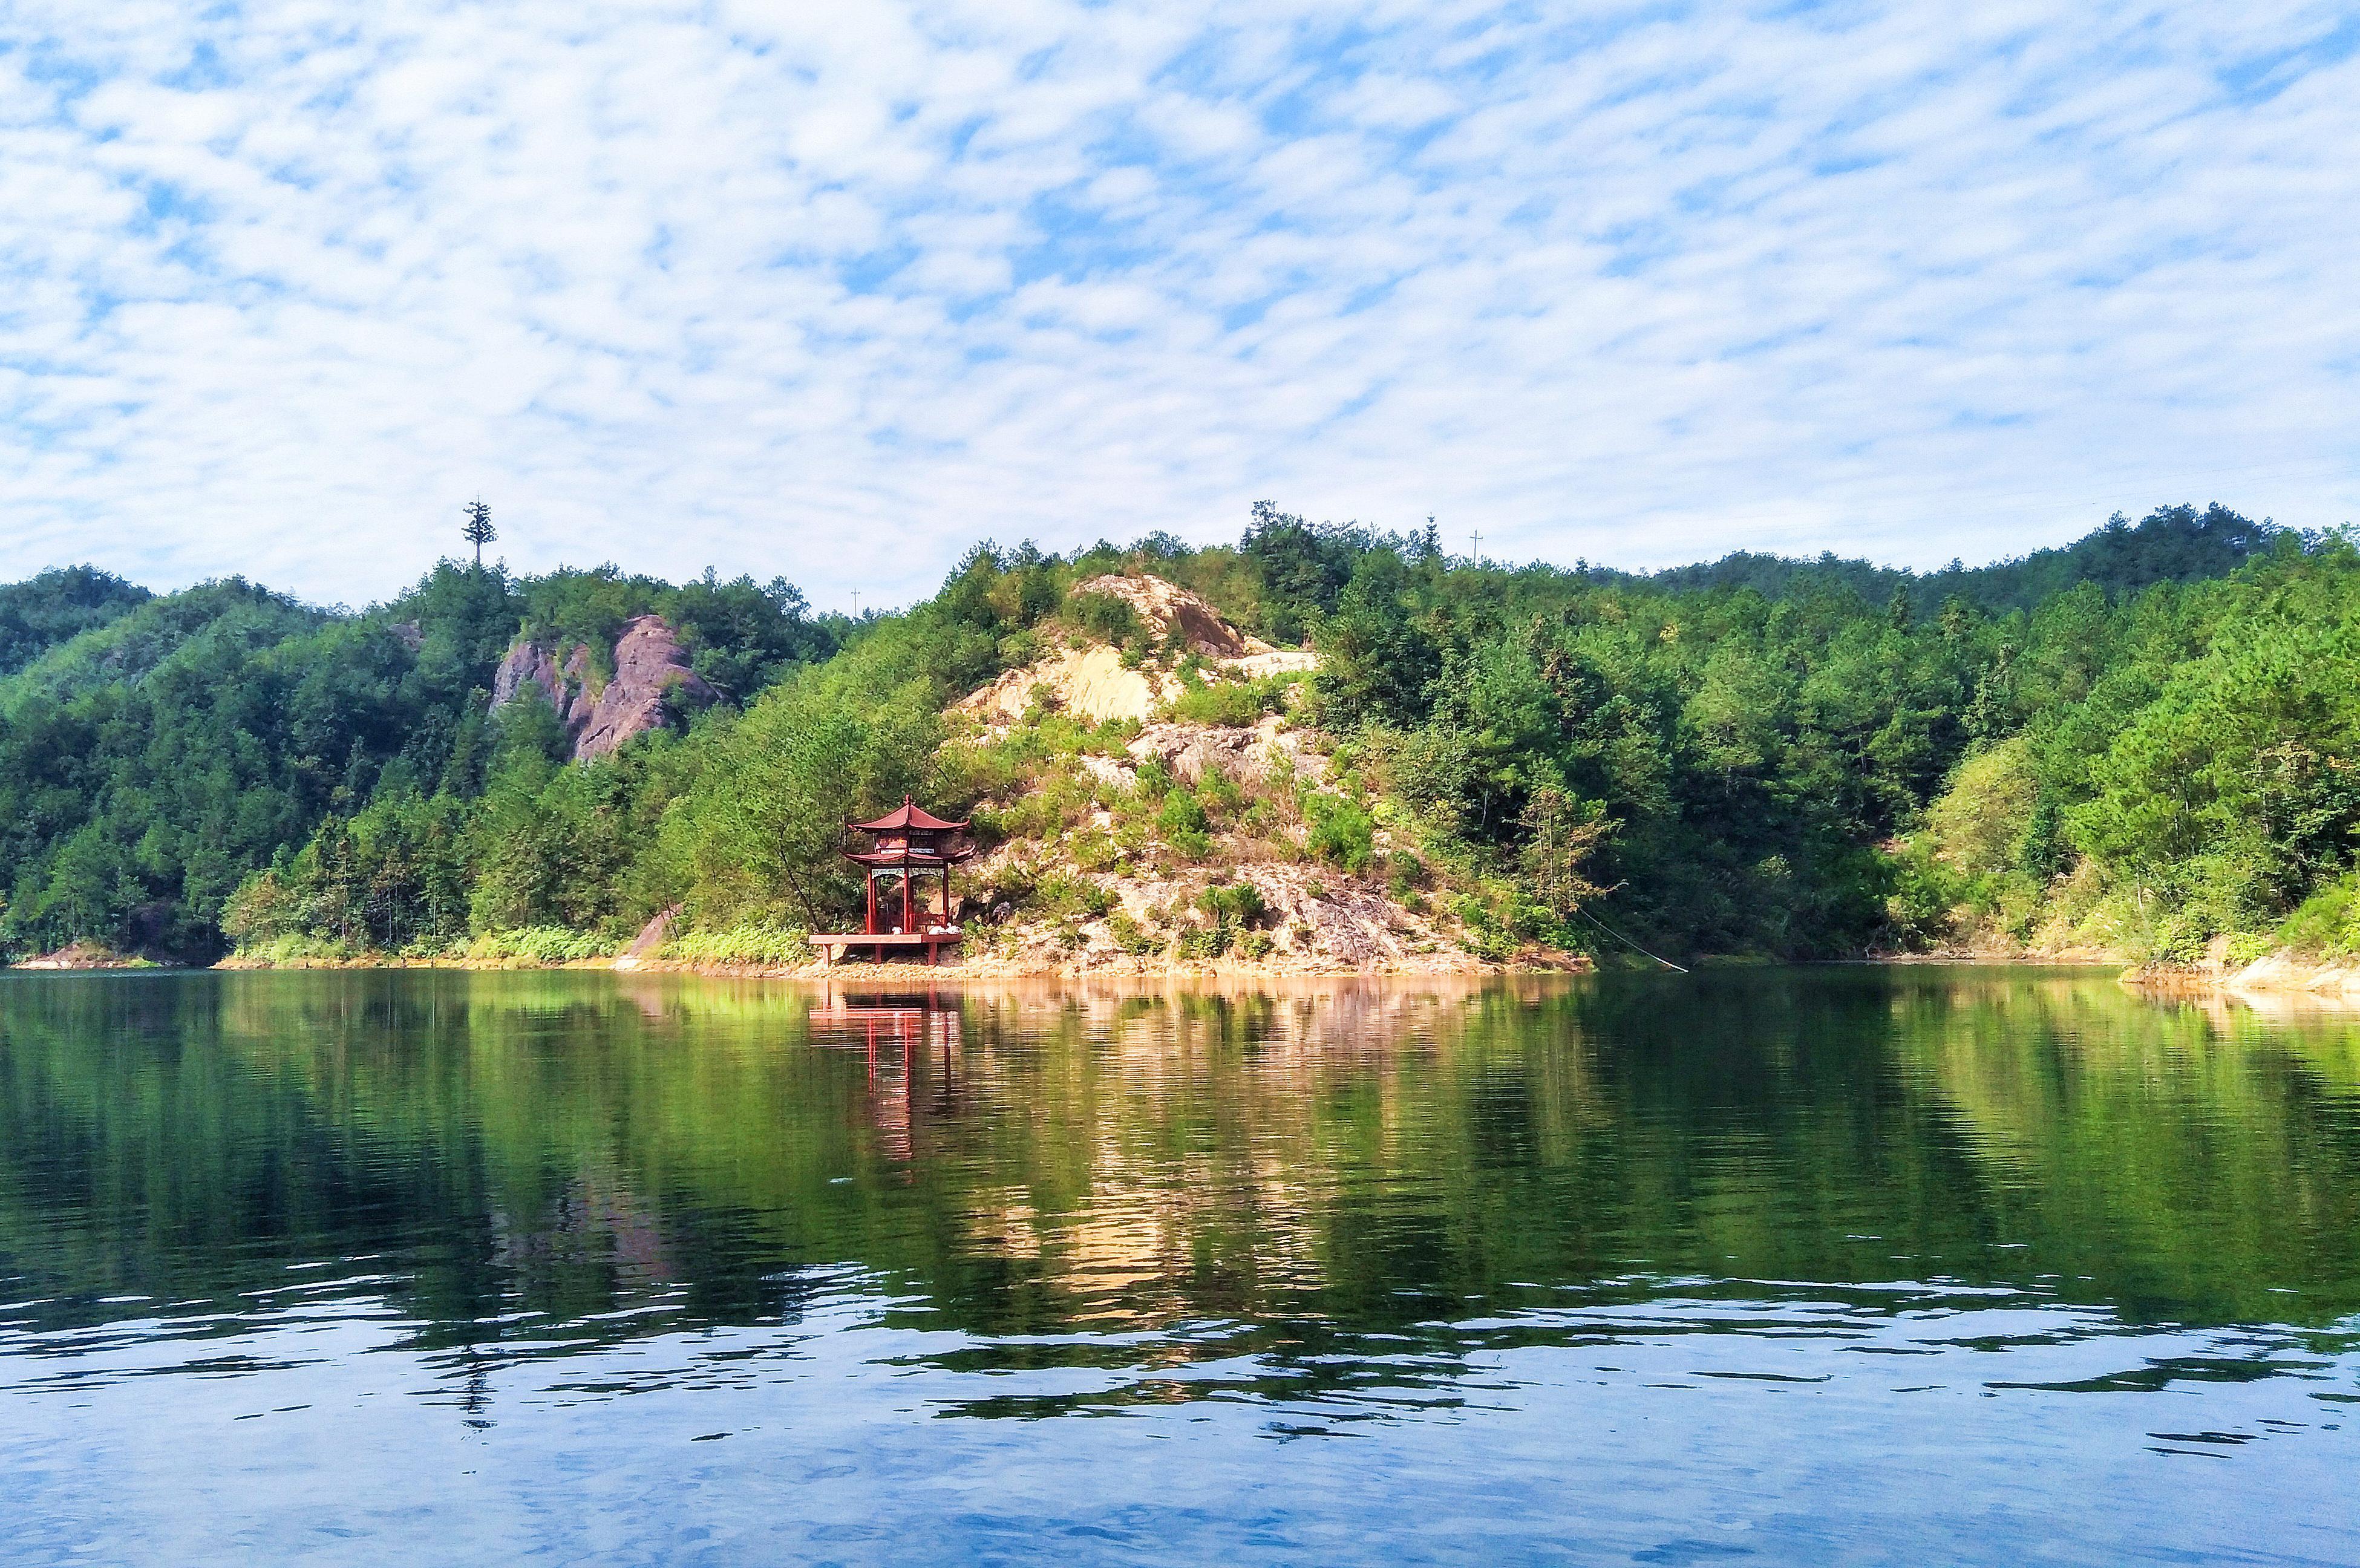 平江玻璃桥景区石牛寨